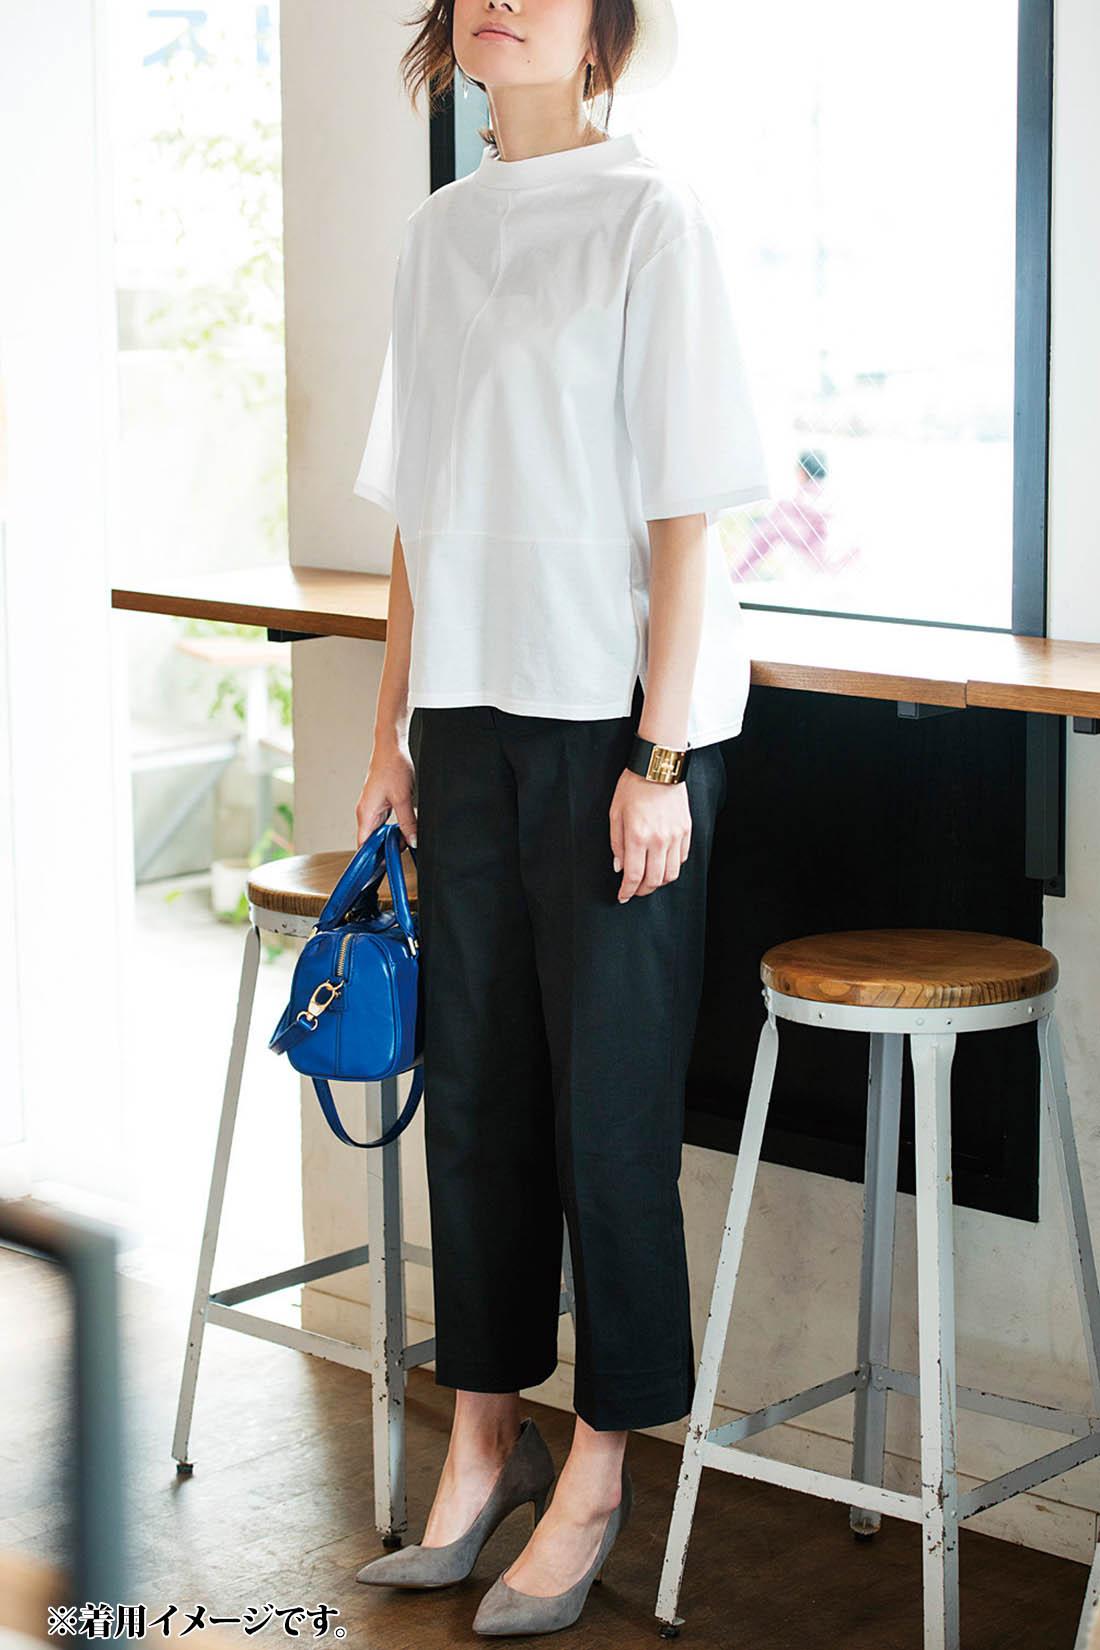 Tシャツ=カジュアルのイメージを一新。リラックス感はキープしながら、シックなボトムスときれいめ小物で大人っぽく。ゆったりボックスシルエットのトップスは風の通りがよく、涼やかに着られるメリットも。